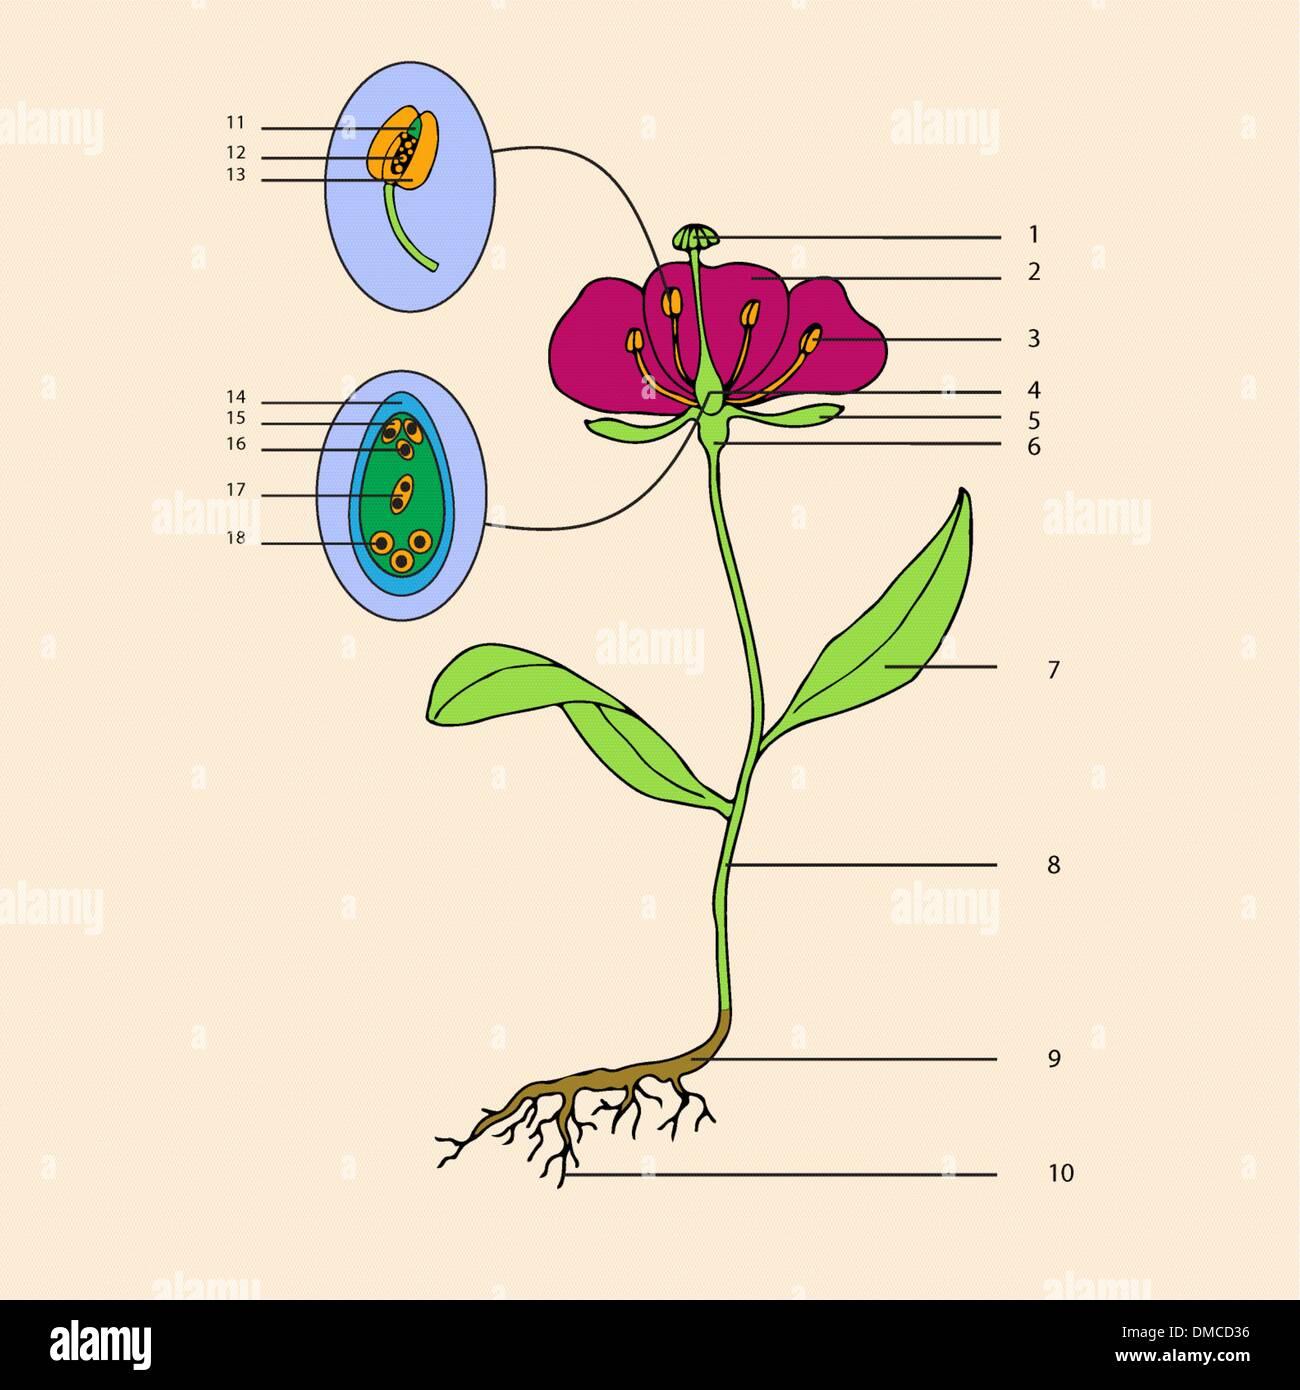 flower morphology - Stock Image